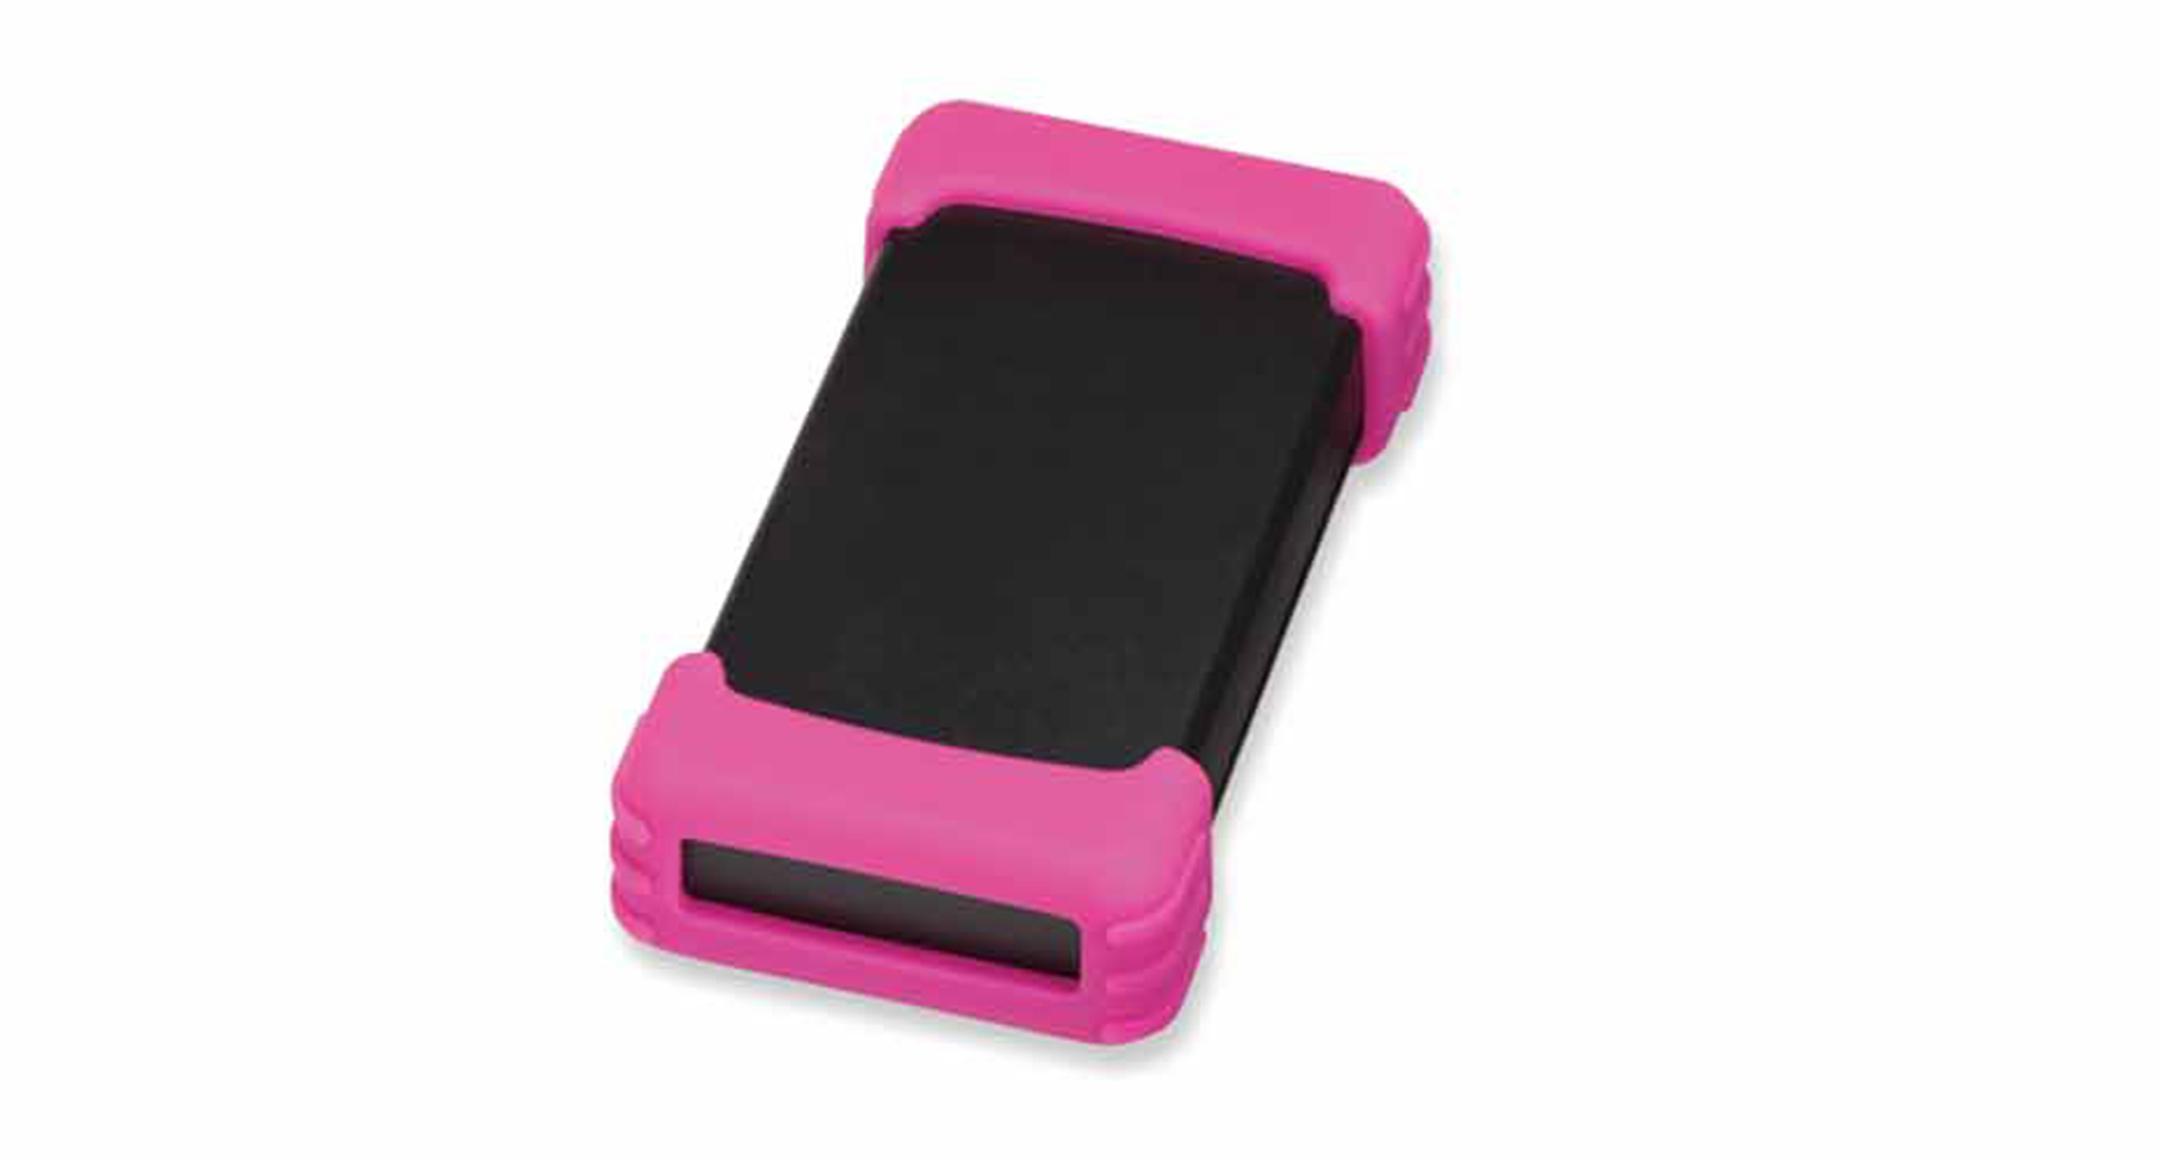 シリコンプロテクター付プラスチックケース TWSシリーズ:ブラック/ピンクの画像